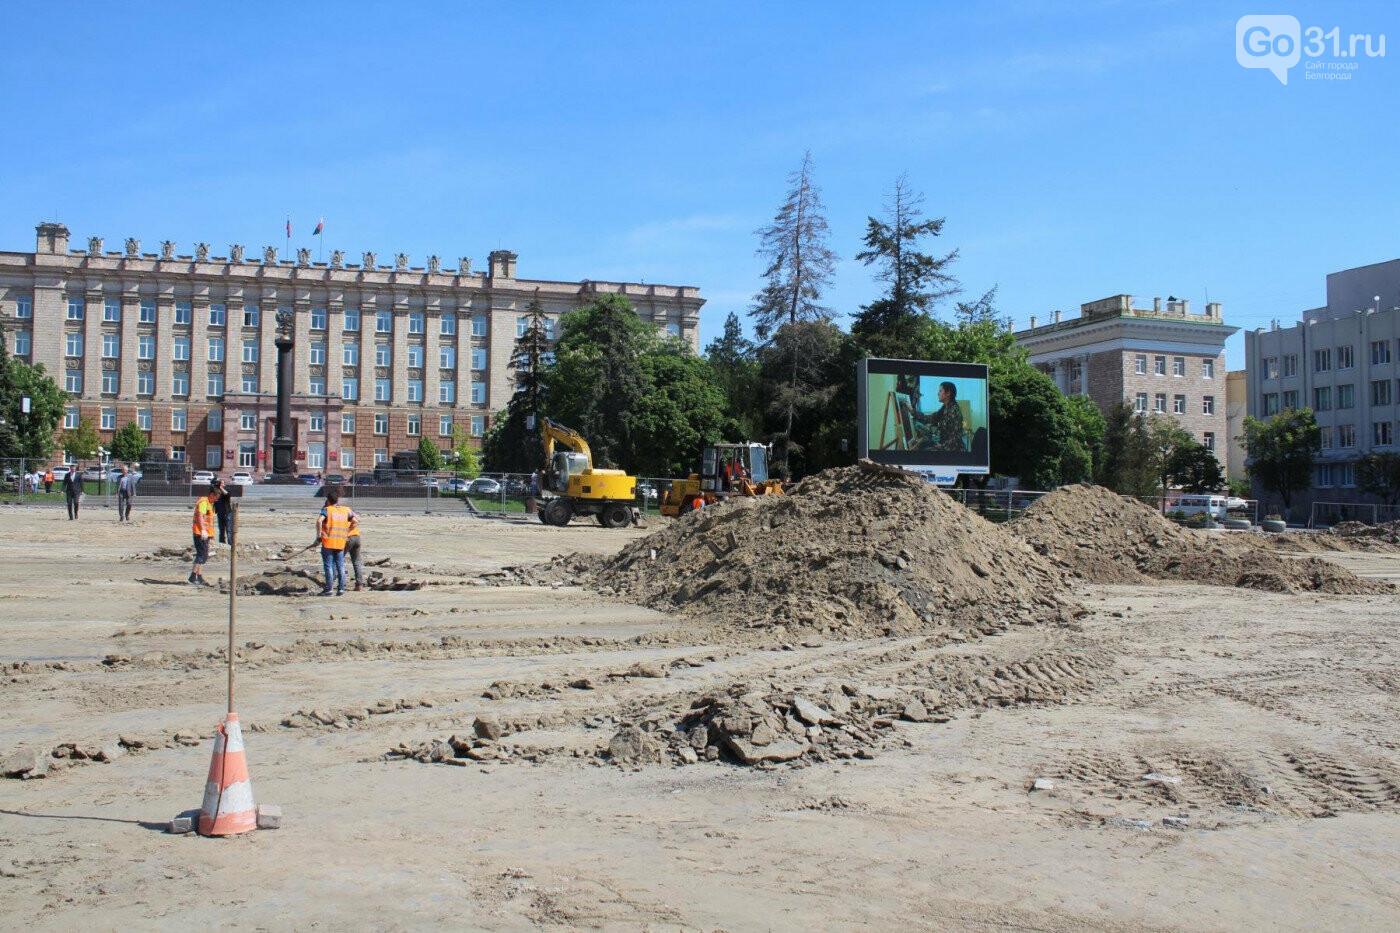 Брусчатку на Соборной площади Белгорода укладывали мигранты без трудовых патентов, фото-2